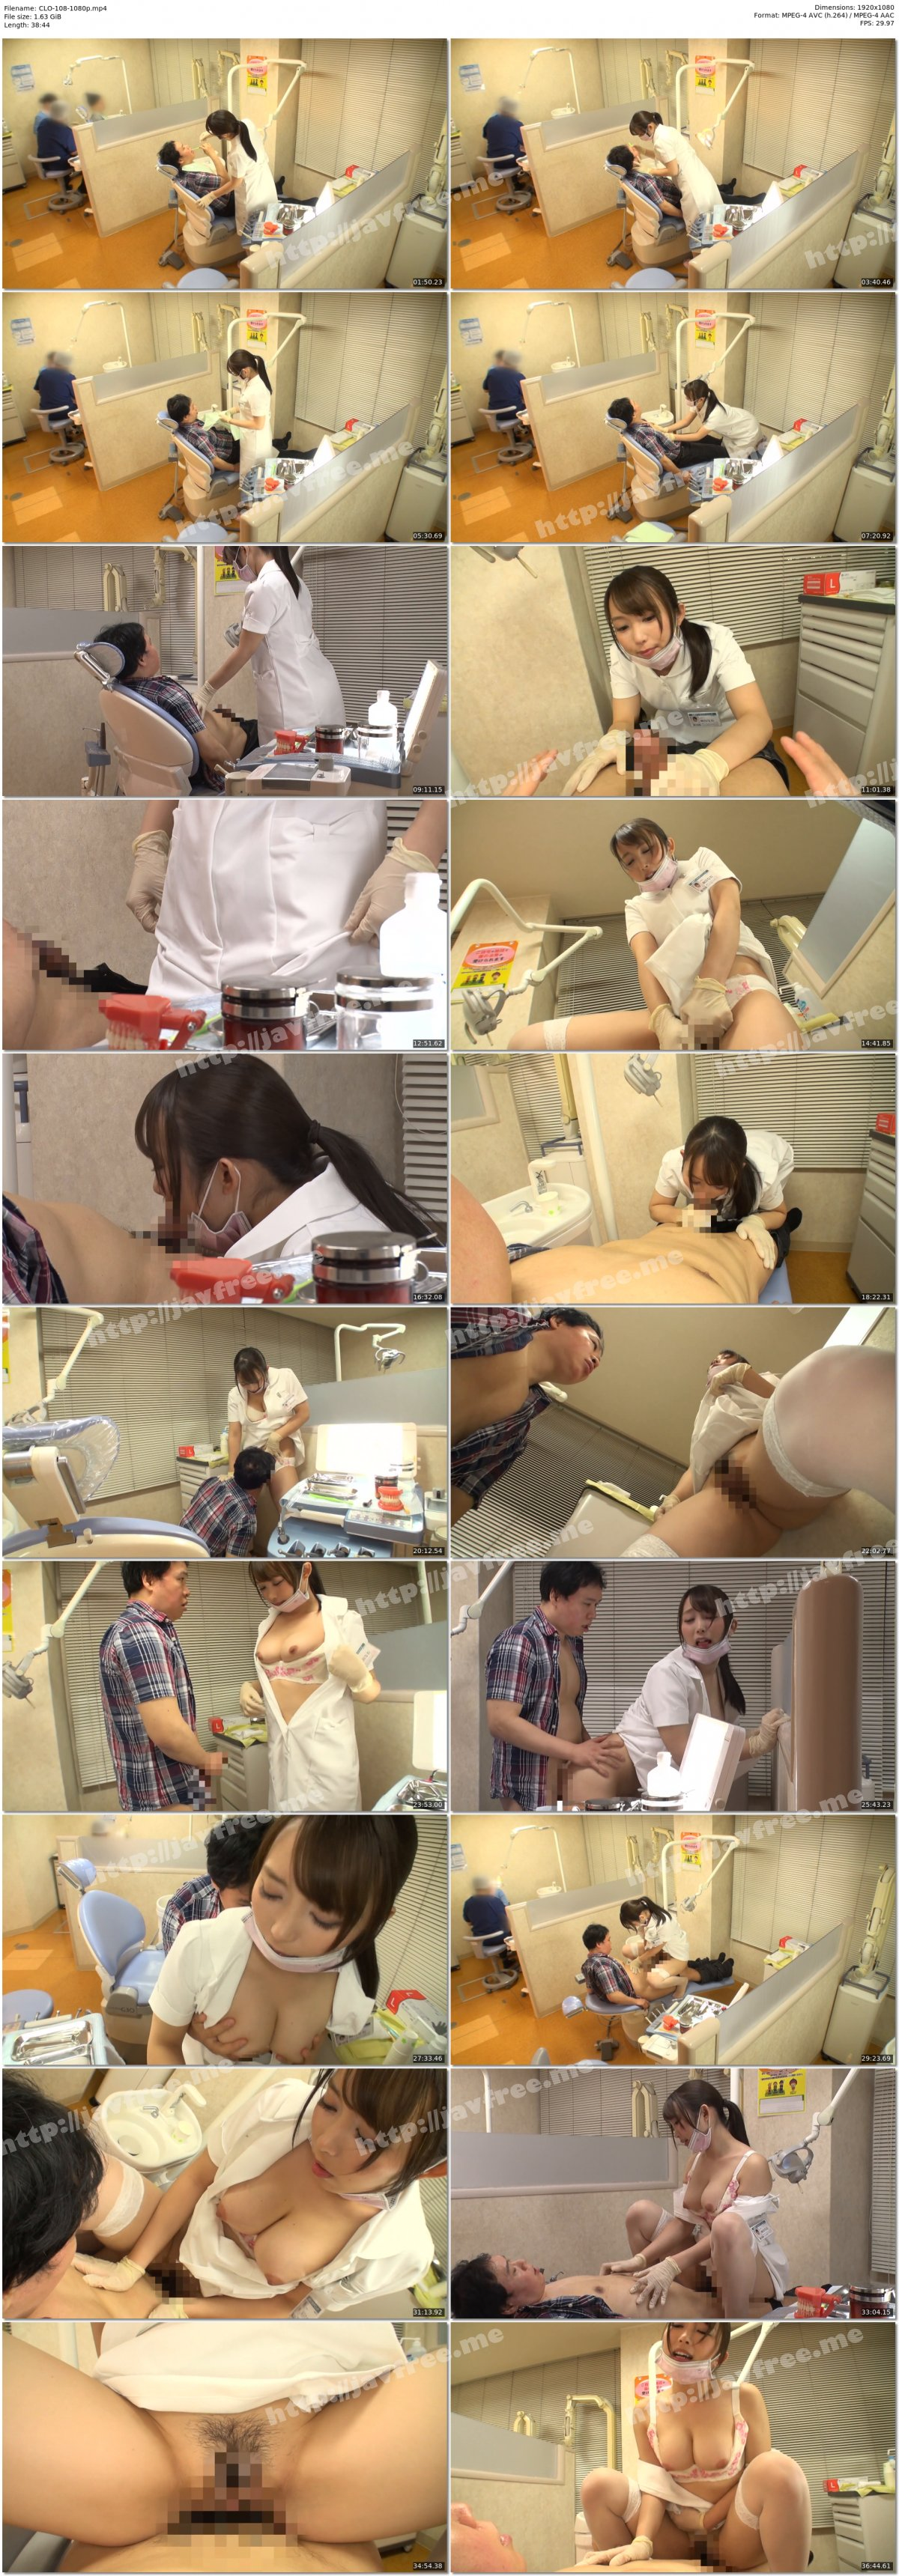 [HD][CLO-108] やたらと目があう歯医者さん 桐谷なお - image CLO-108-1080p on https://javfree.me